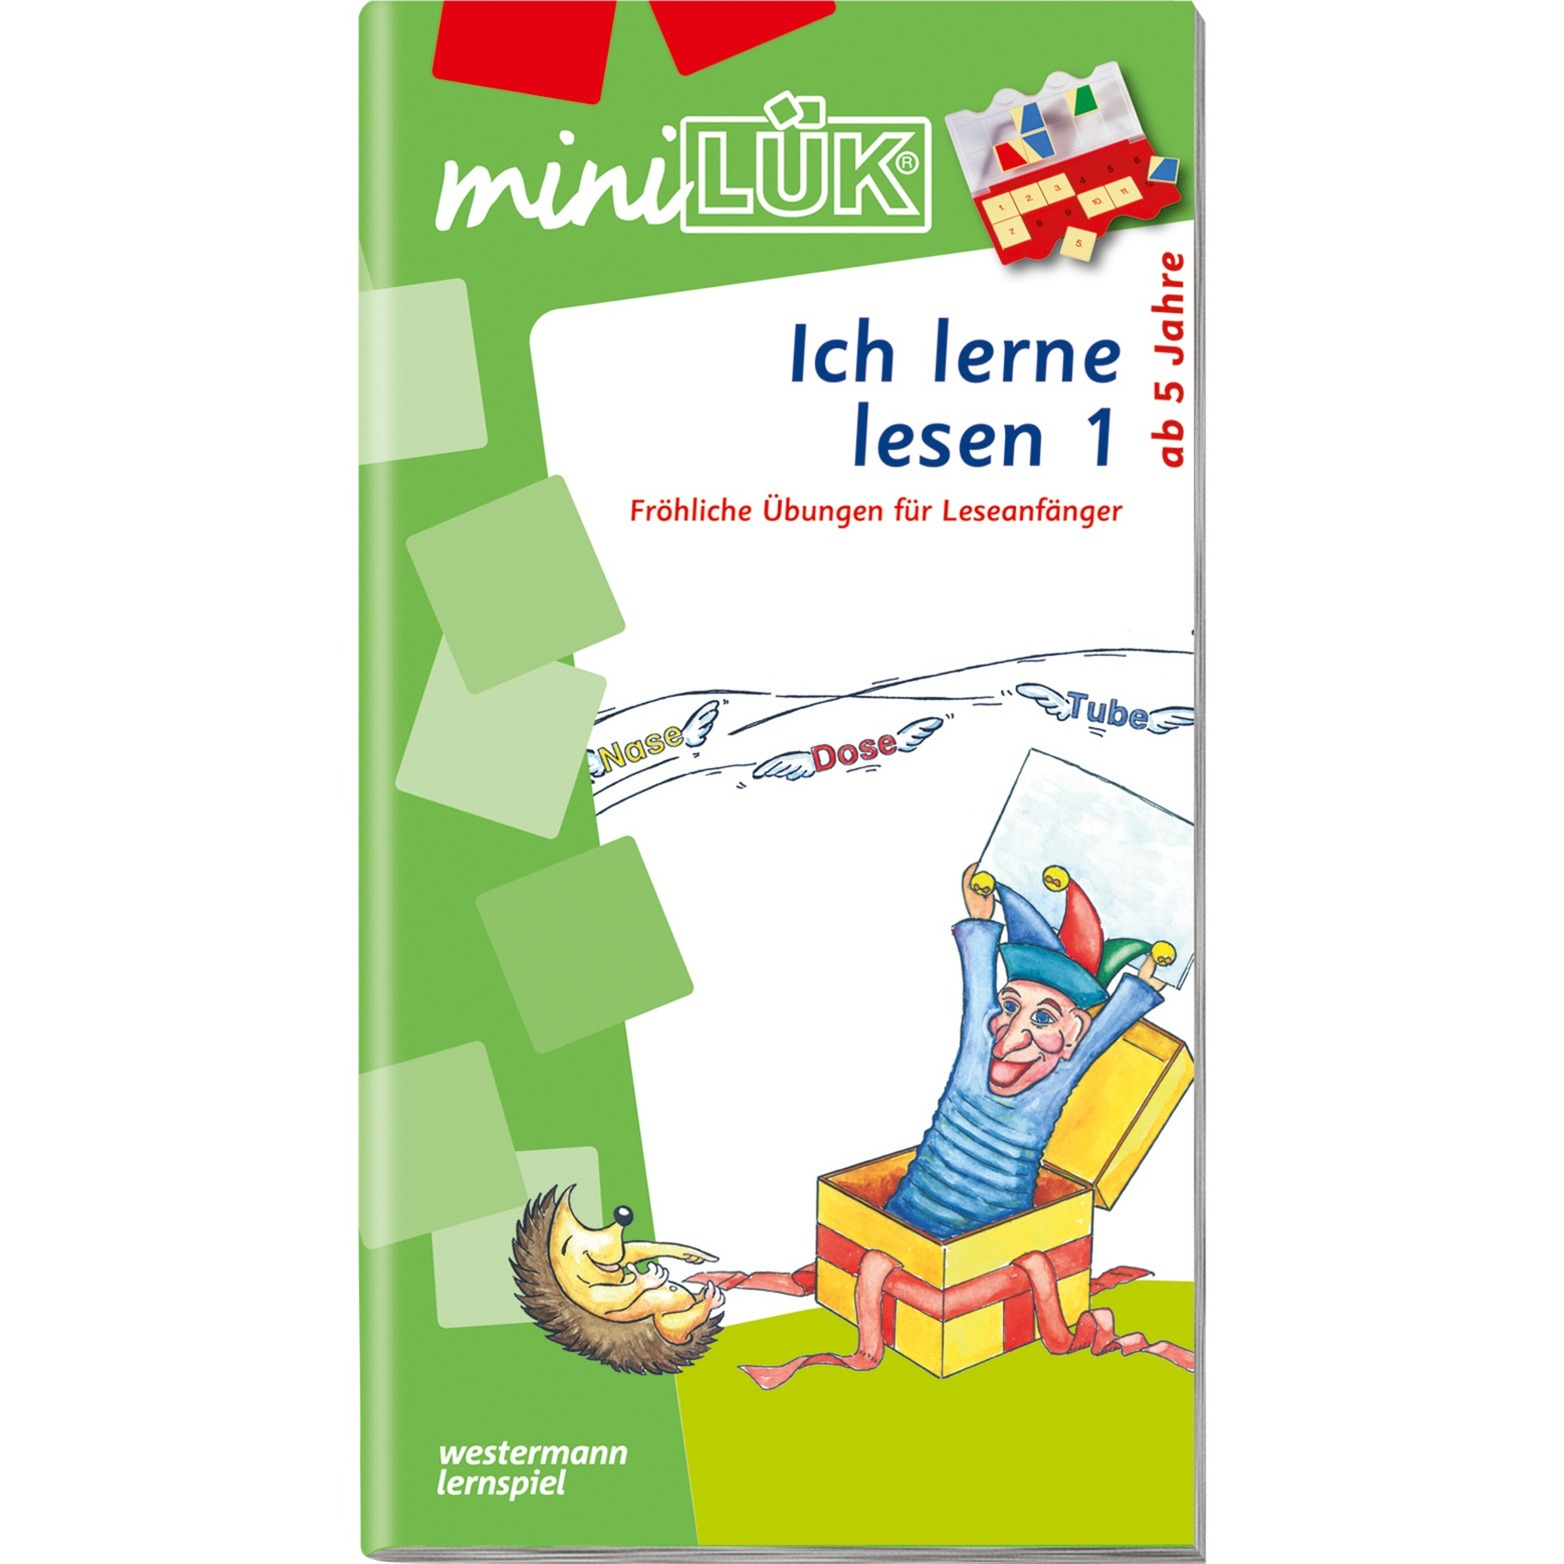 Ich lerne lesen 1 livre pour enfants, Manuel